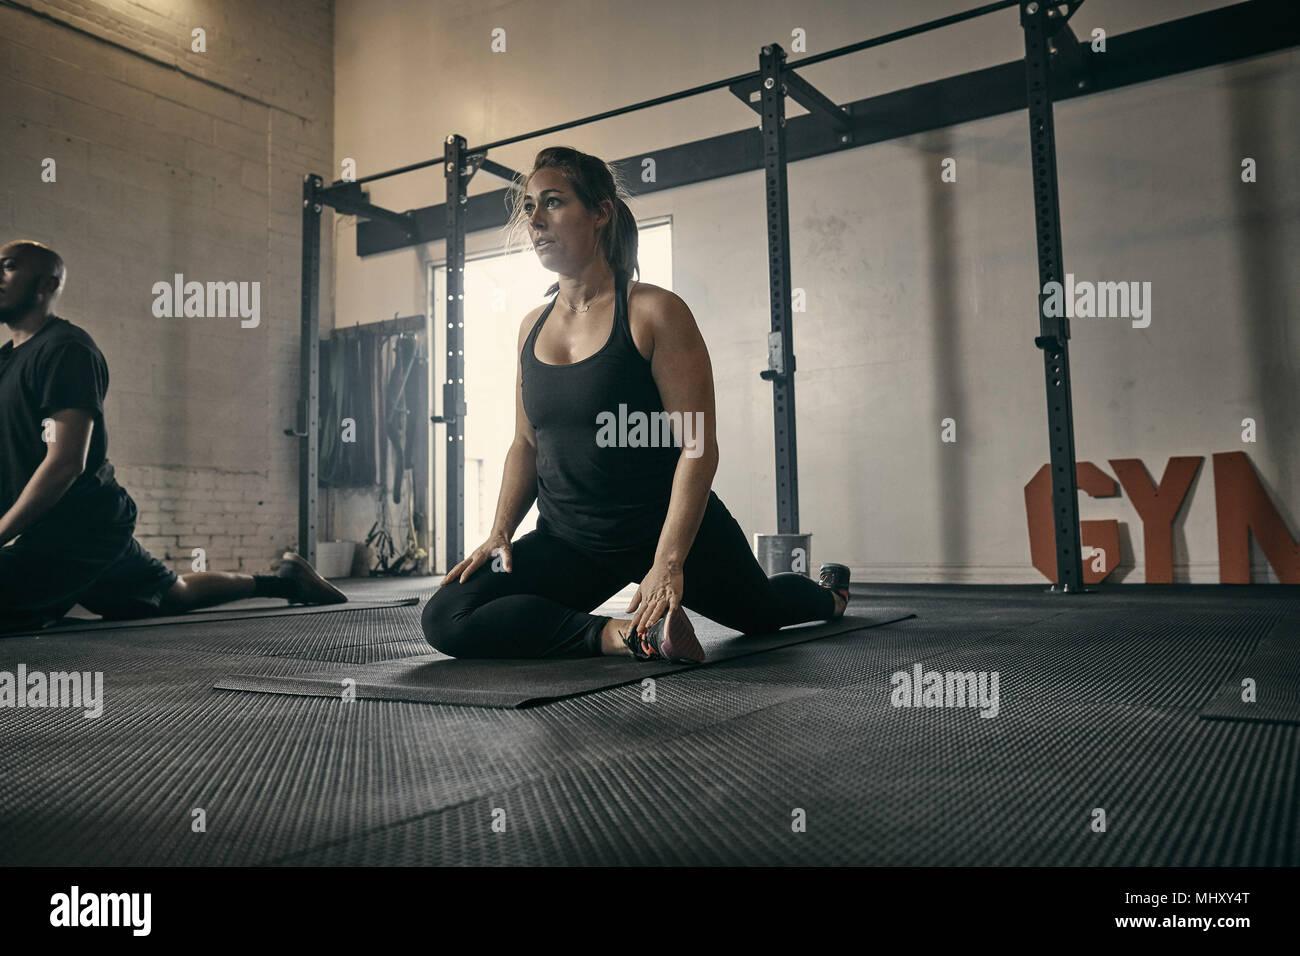 La mujer en posición de yoga en el gimnasio Imagen De Stock